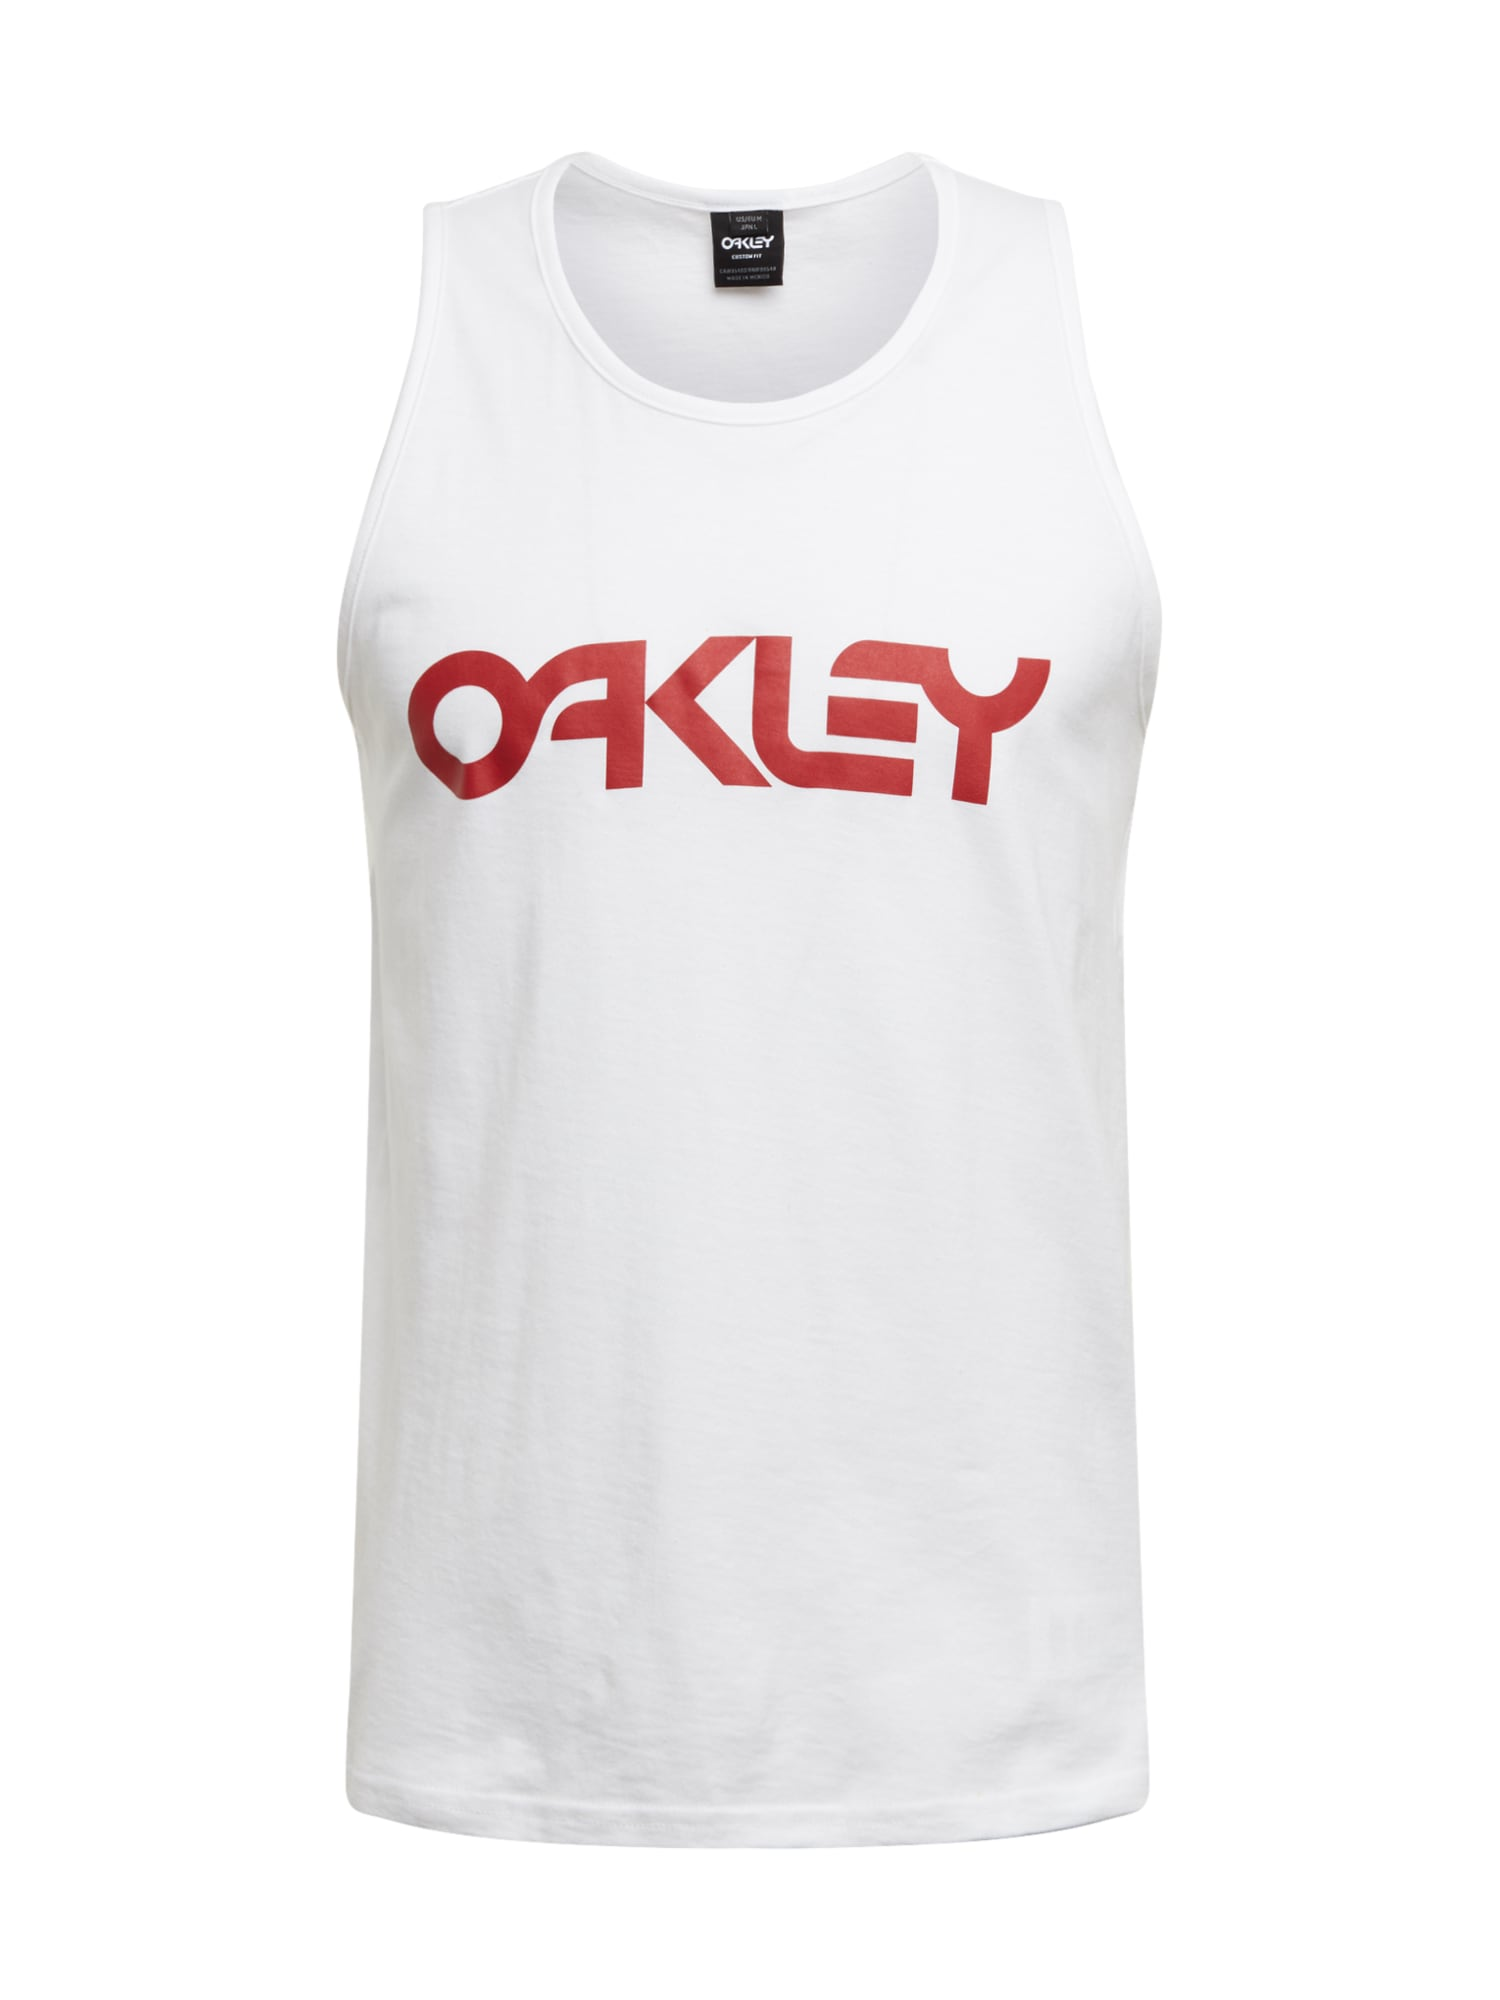 OAKLEY Sportiniai marškinėliai 'MARK II' balta